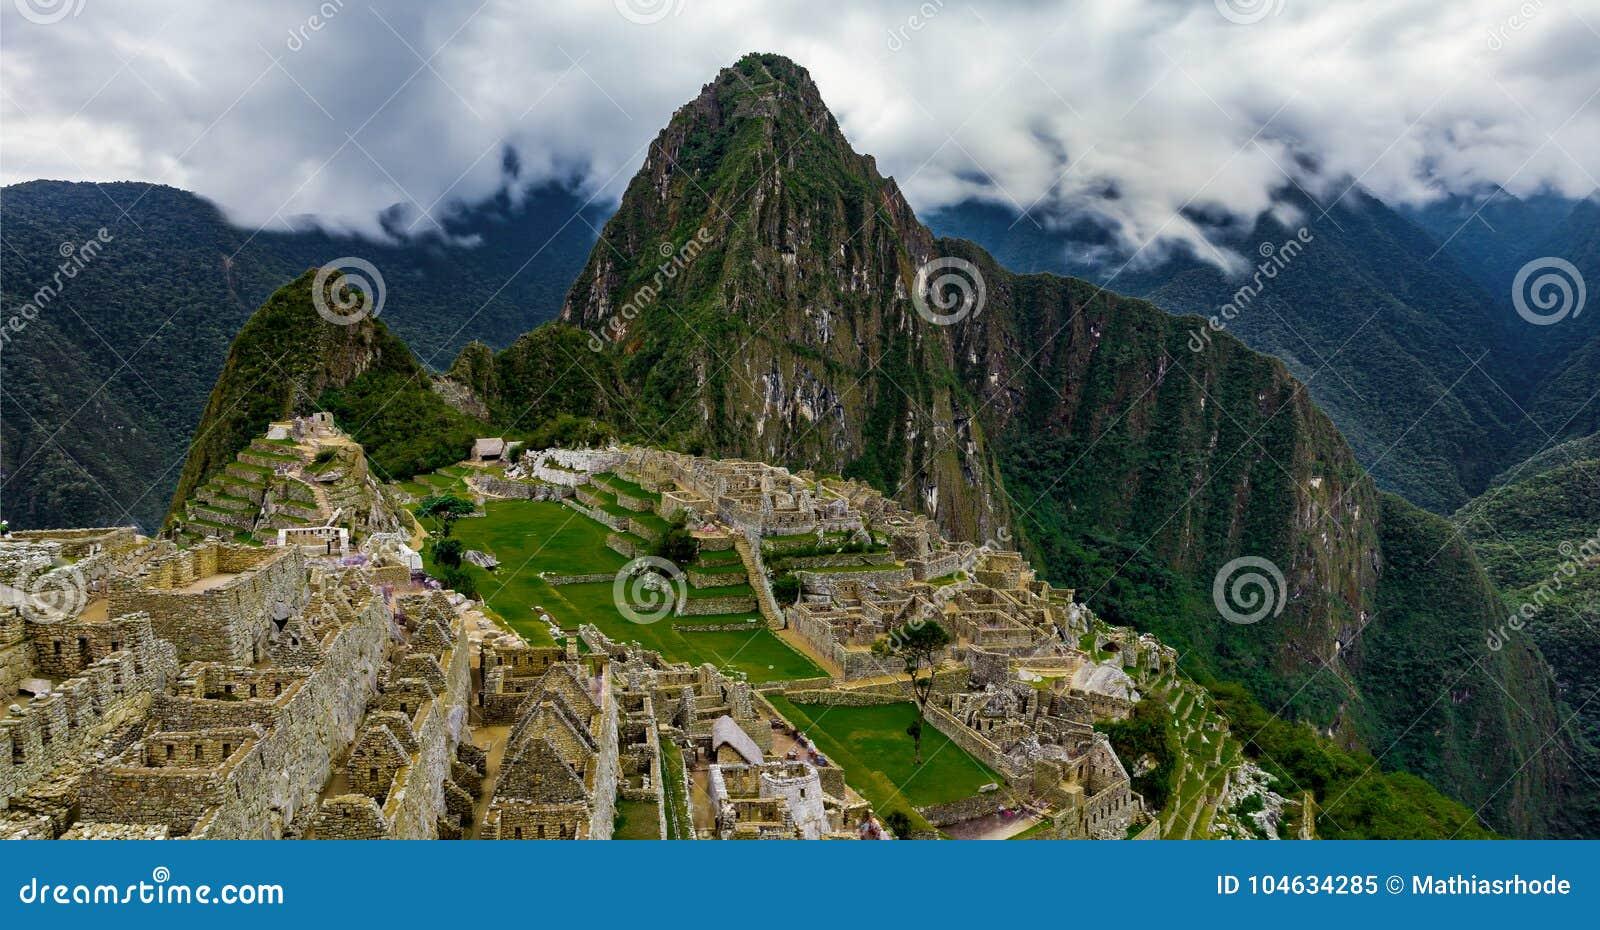 Download Machu Picchu In Peru Custo South America Stock Afbeelding - Afbeelding bestaande uit andes, archeologie: 104634285